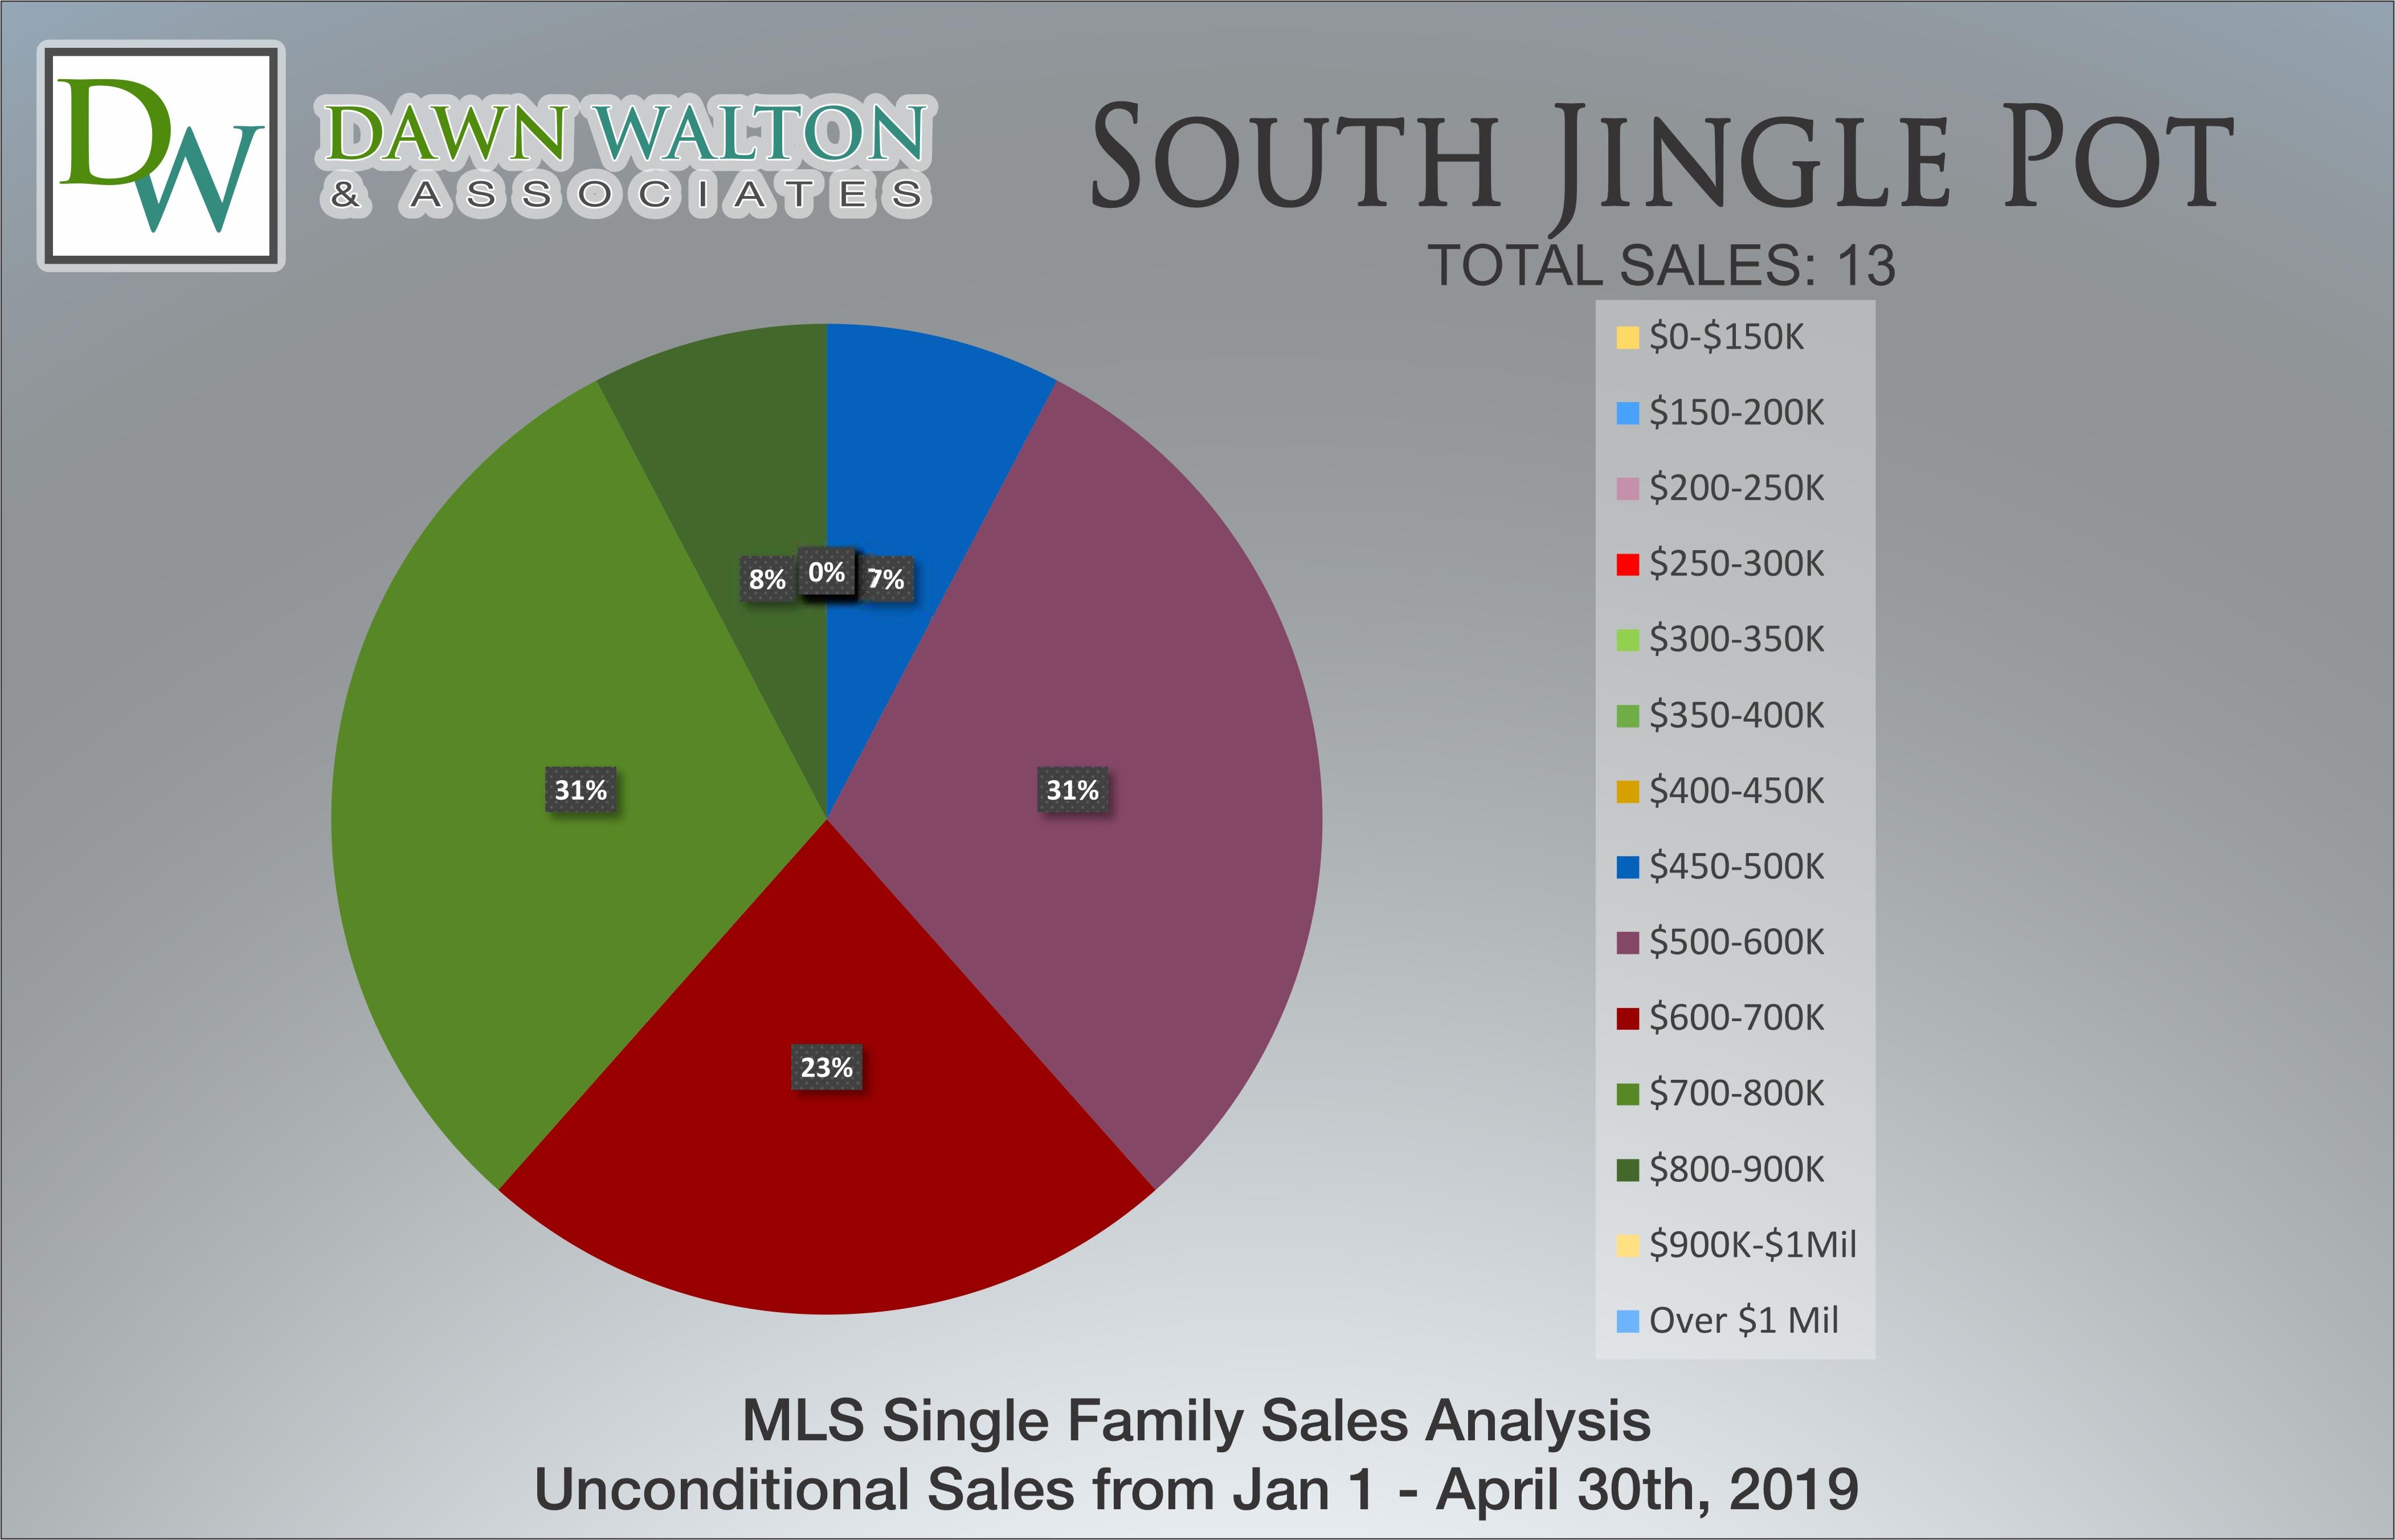 South Jingle Pot Real Estate Market Stats Price Percentage Jan 1 - April 30, 2019 - Nanaimo Realtor Dawn Walton